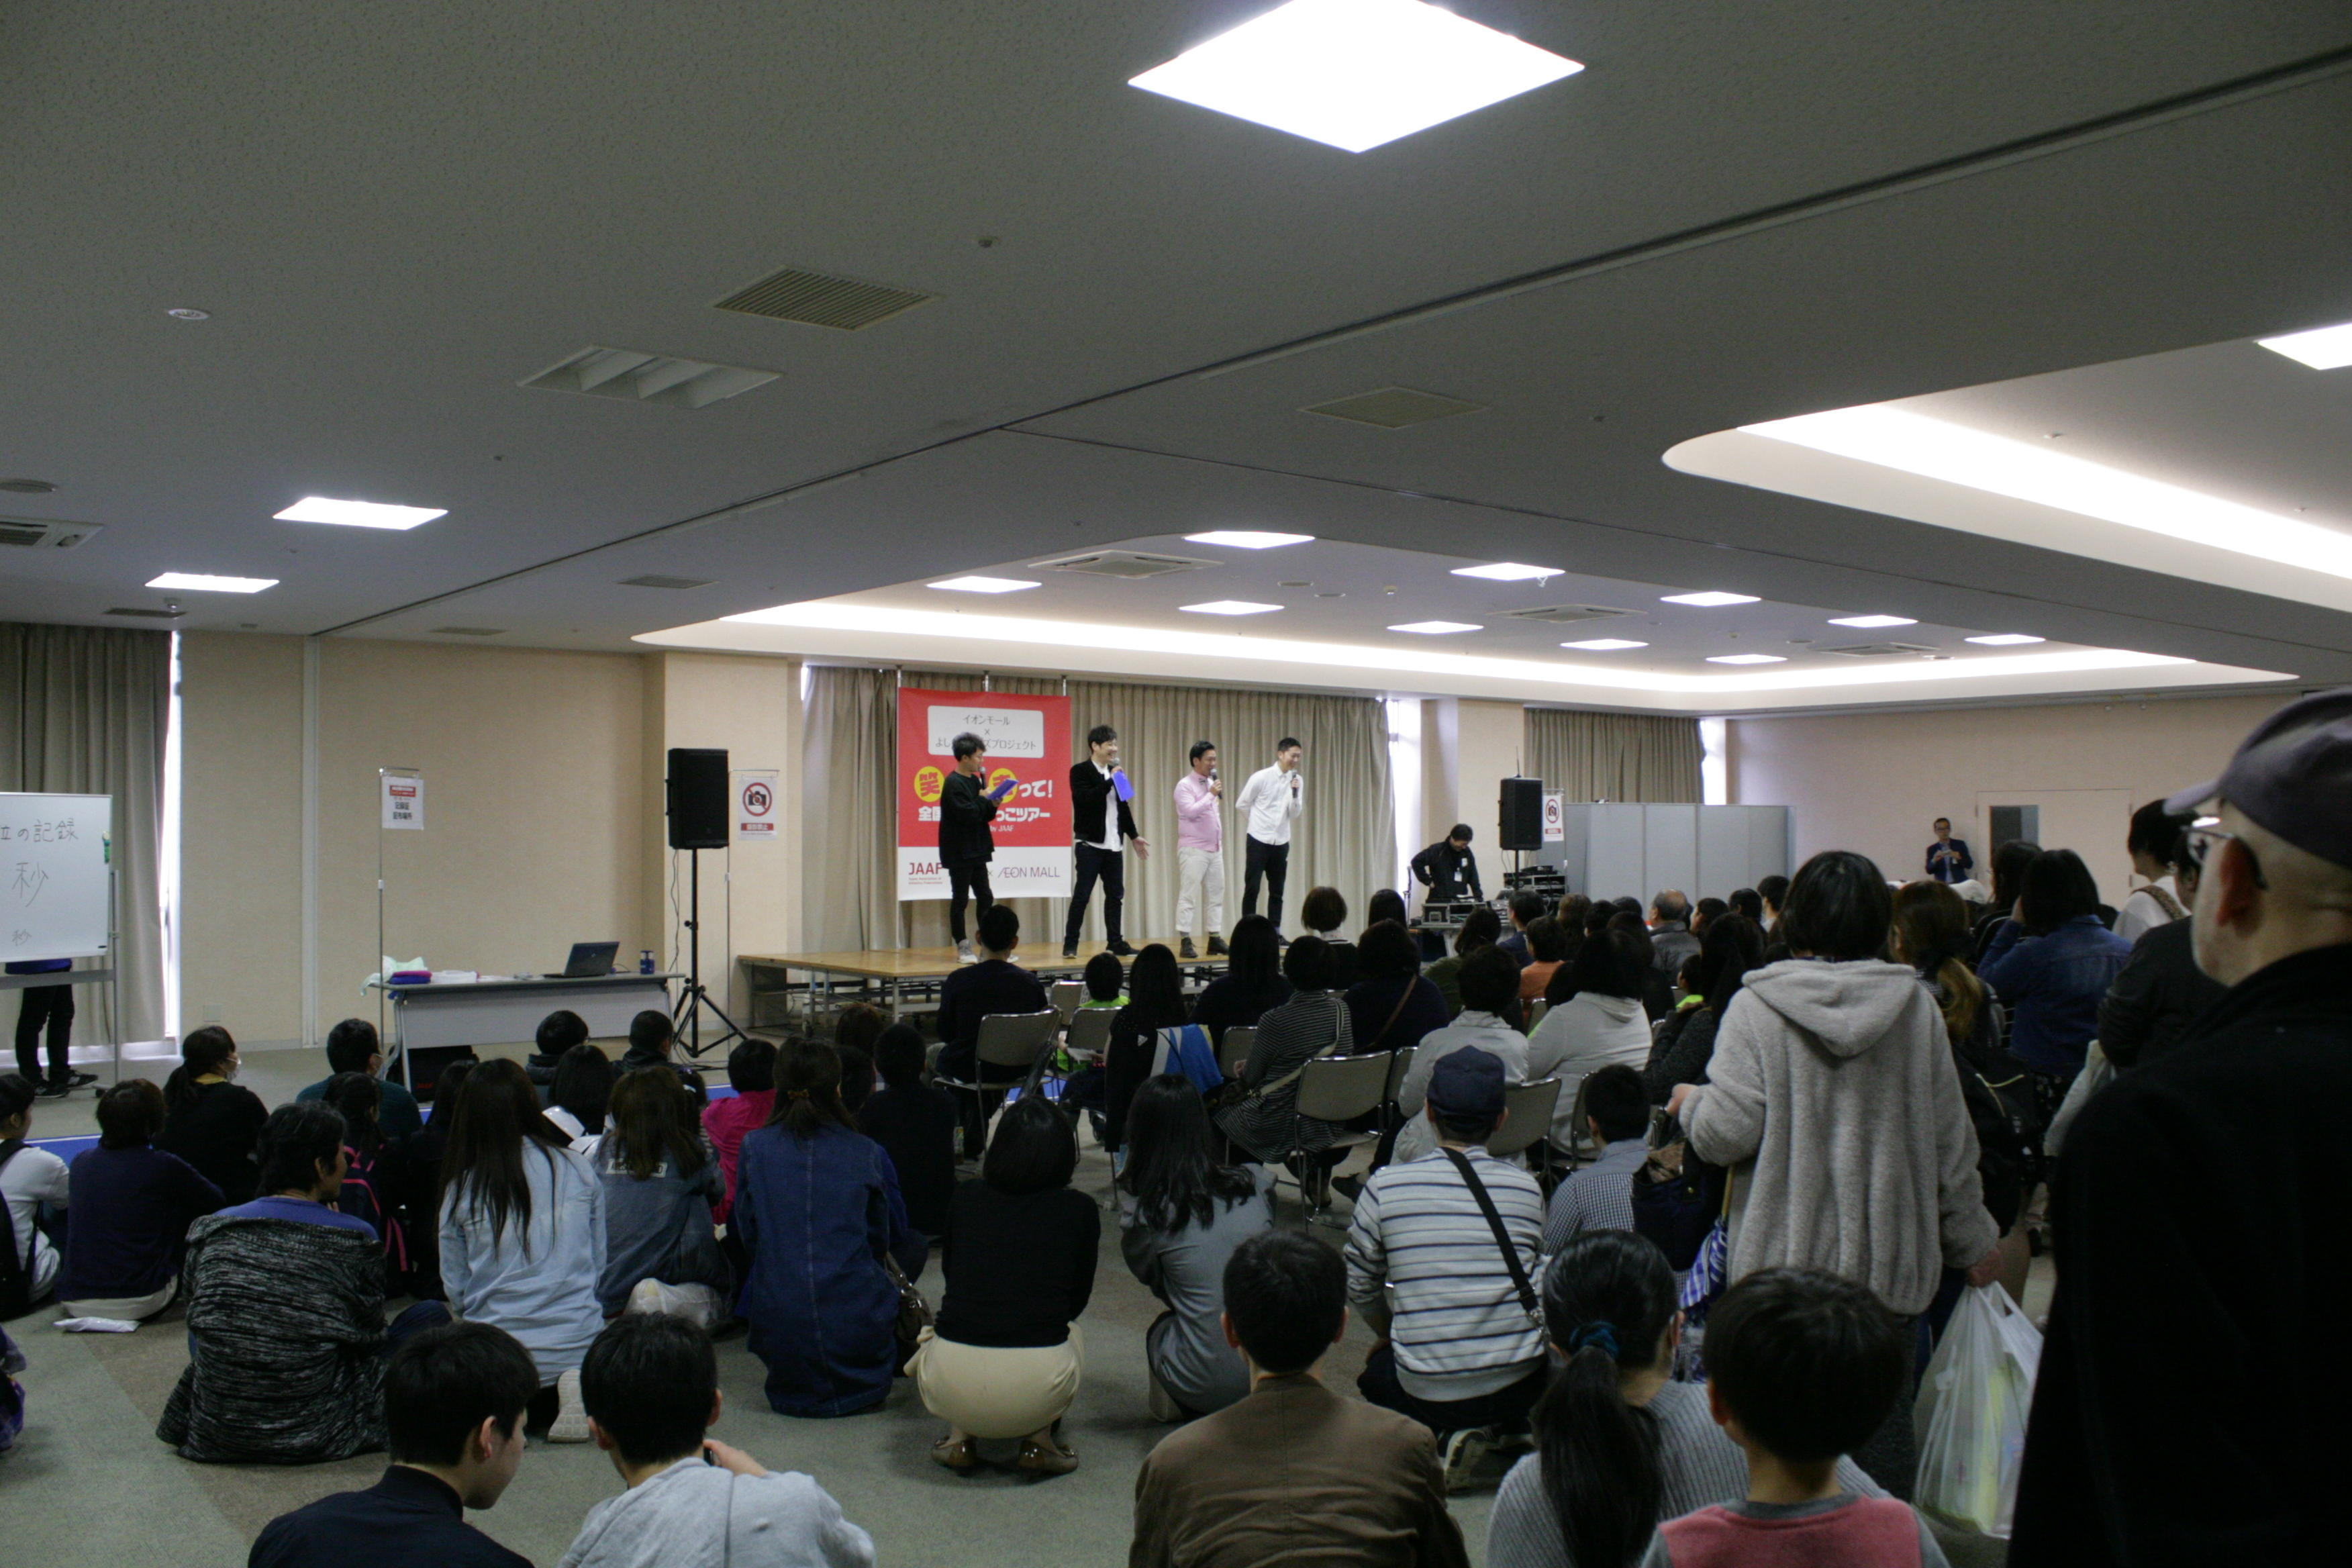 http://news.yoshimoto.co.jp/20170501175904-e552cd671a8eccc62e25a9a4b32b4b61a901da9c.jpg